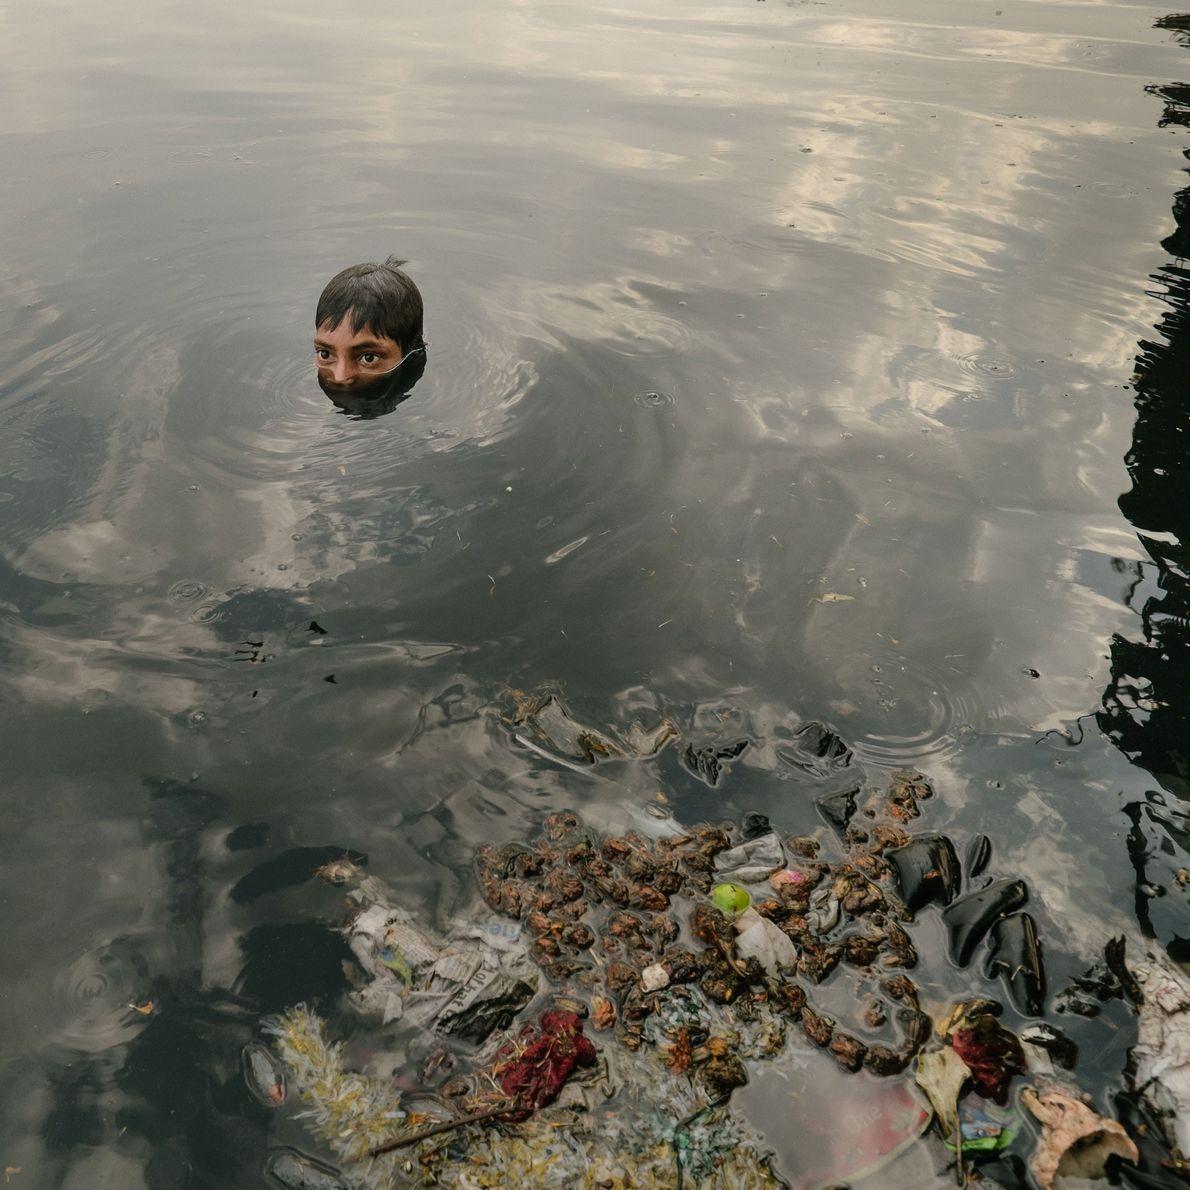 crianças buscam por metal em lixo no rio